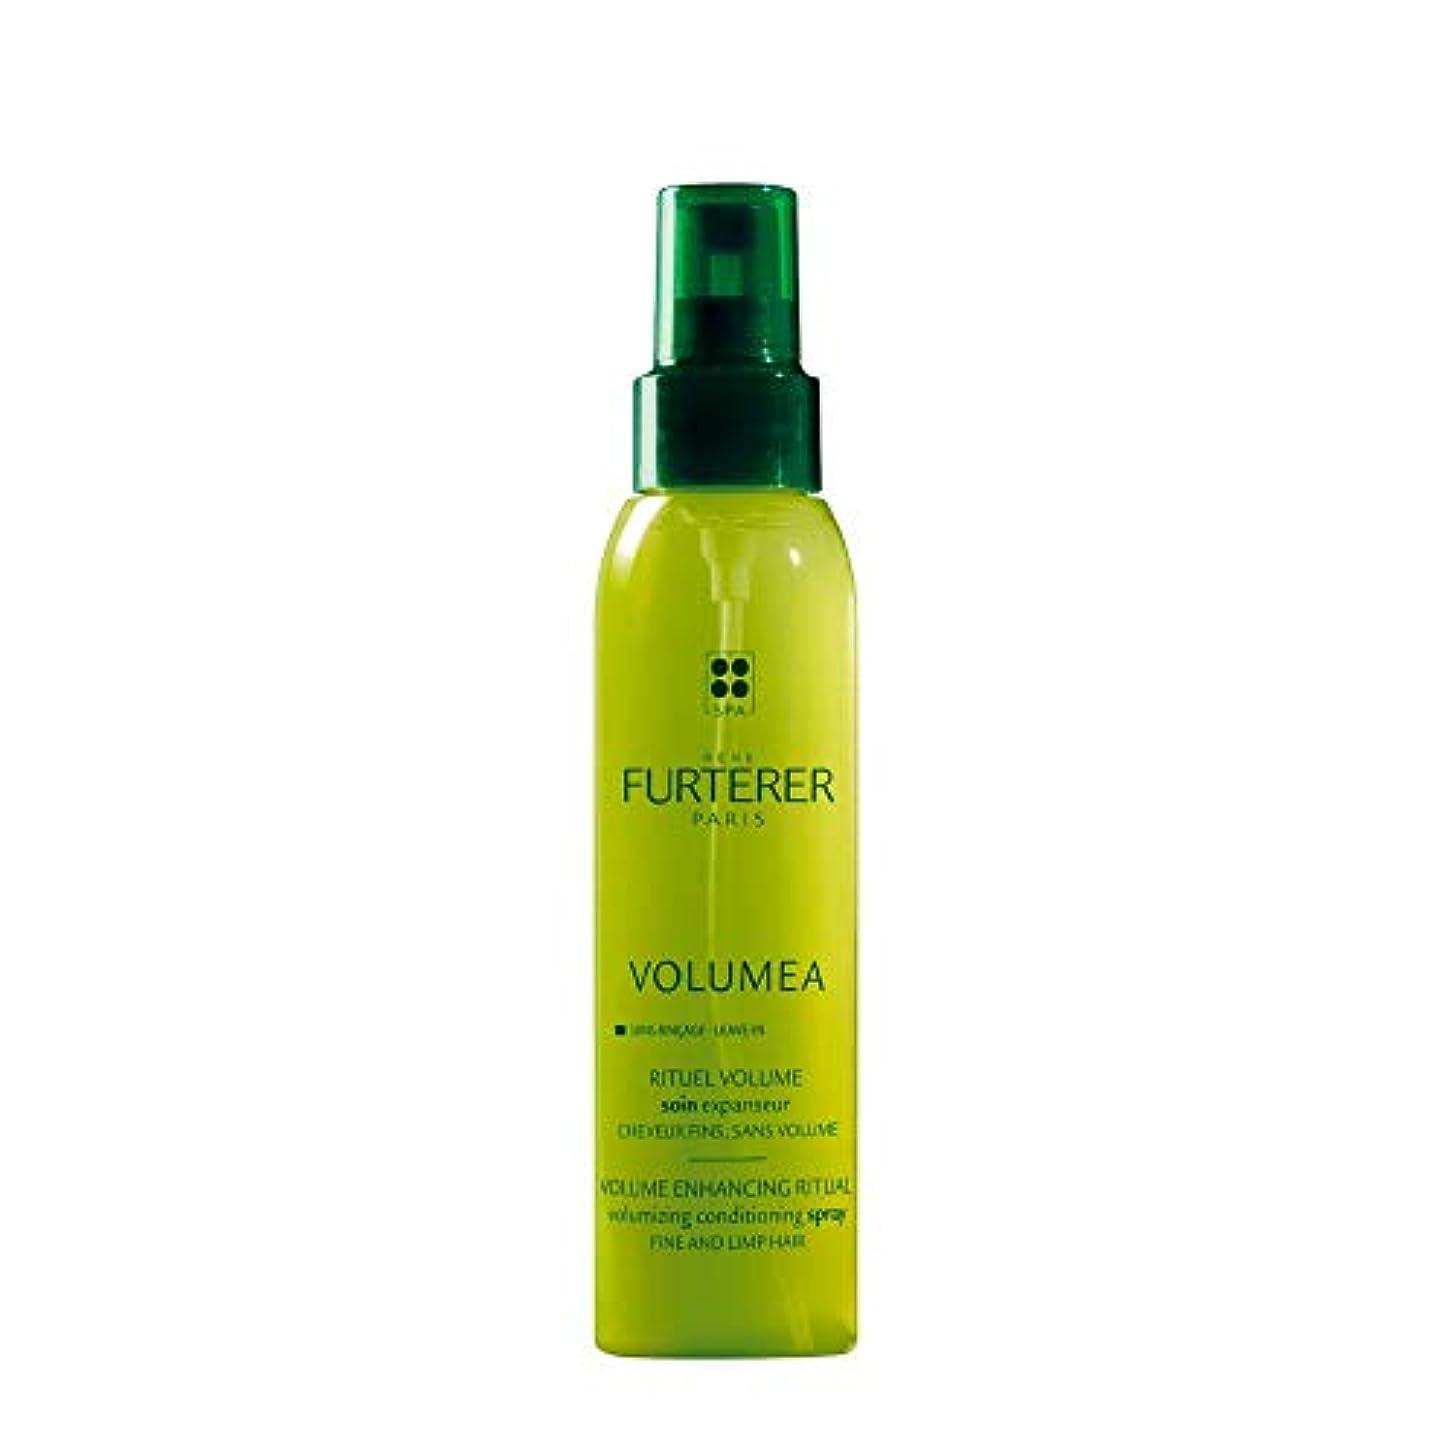 関係ない一時的扇動するルネ フルトレール Volumea Volume Enhancing Ritual Volumizing Conditioning Spray (Fine and Limp Hair) 125ml/4.2oz並行輸入品